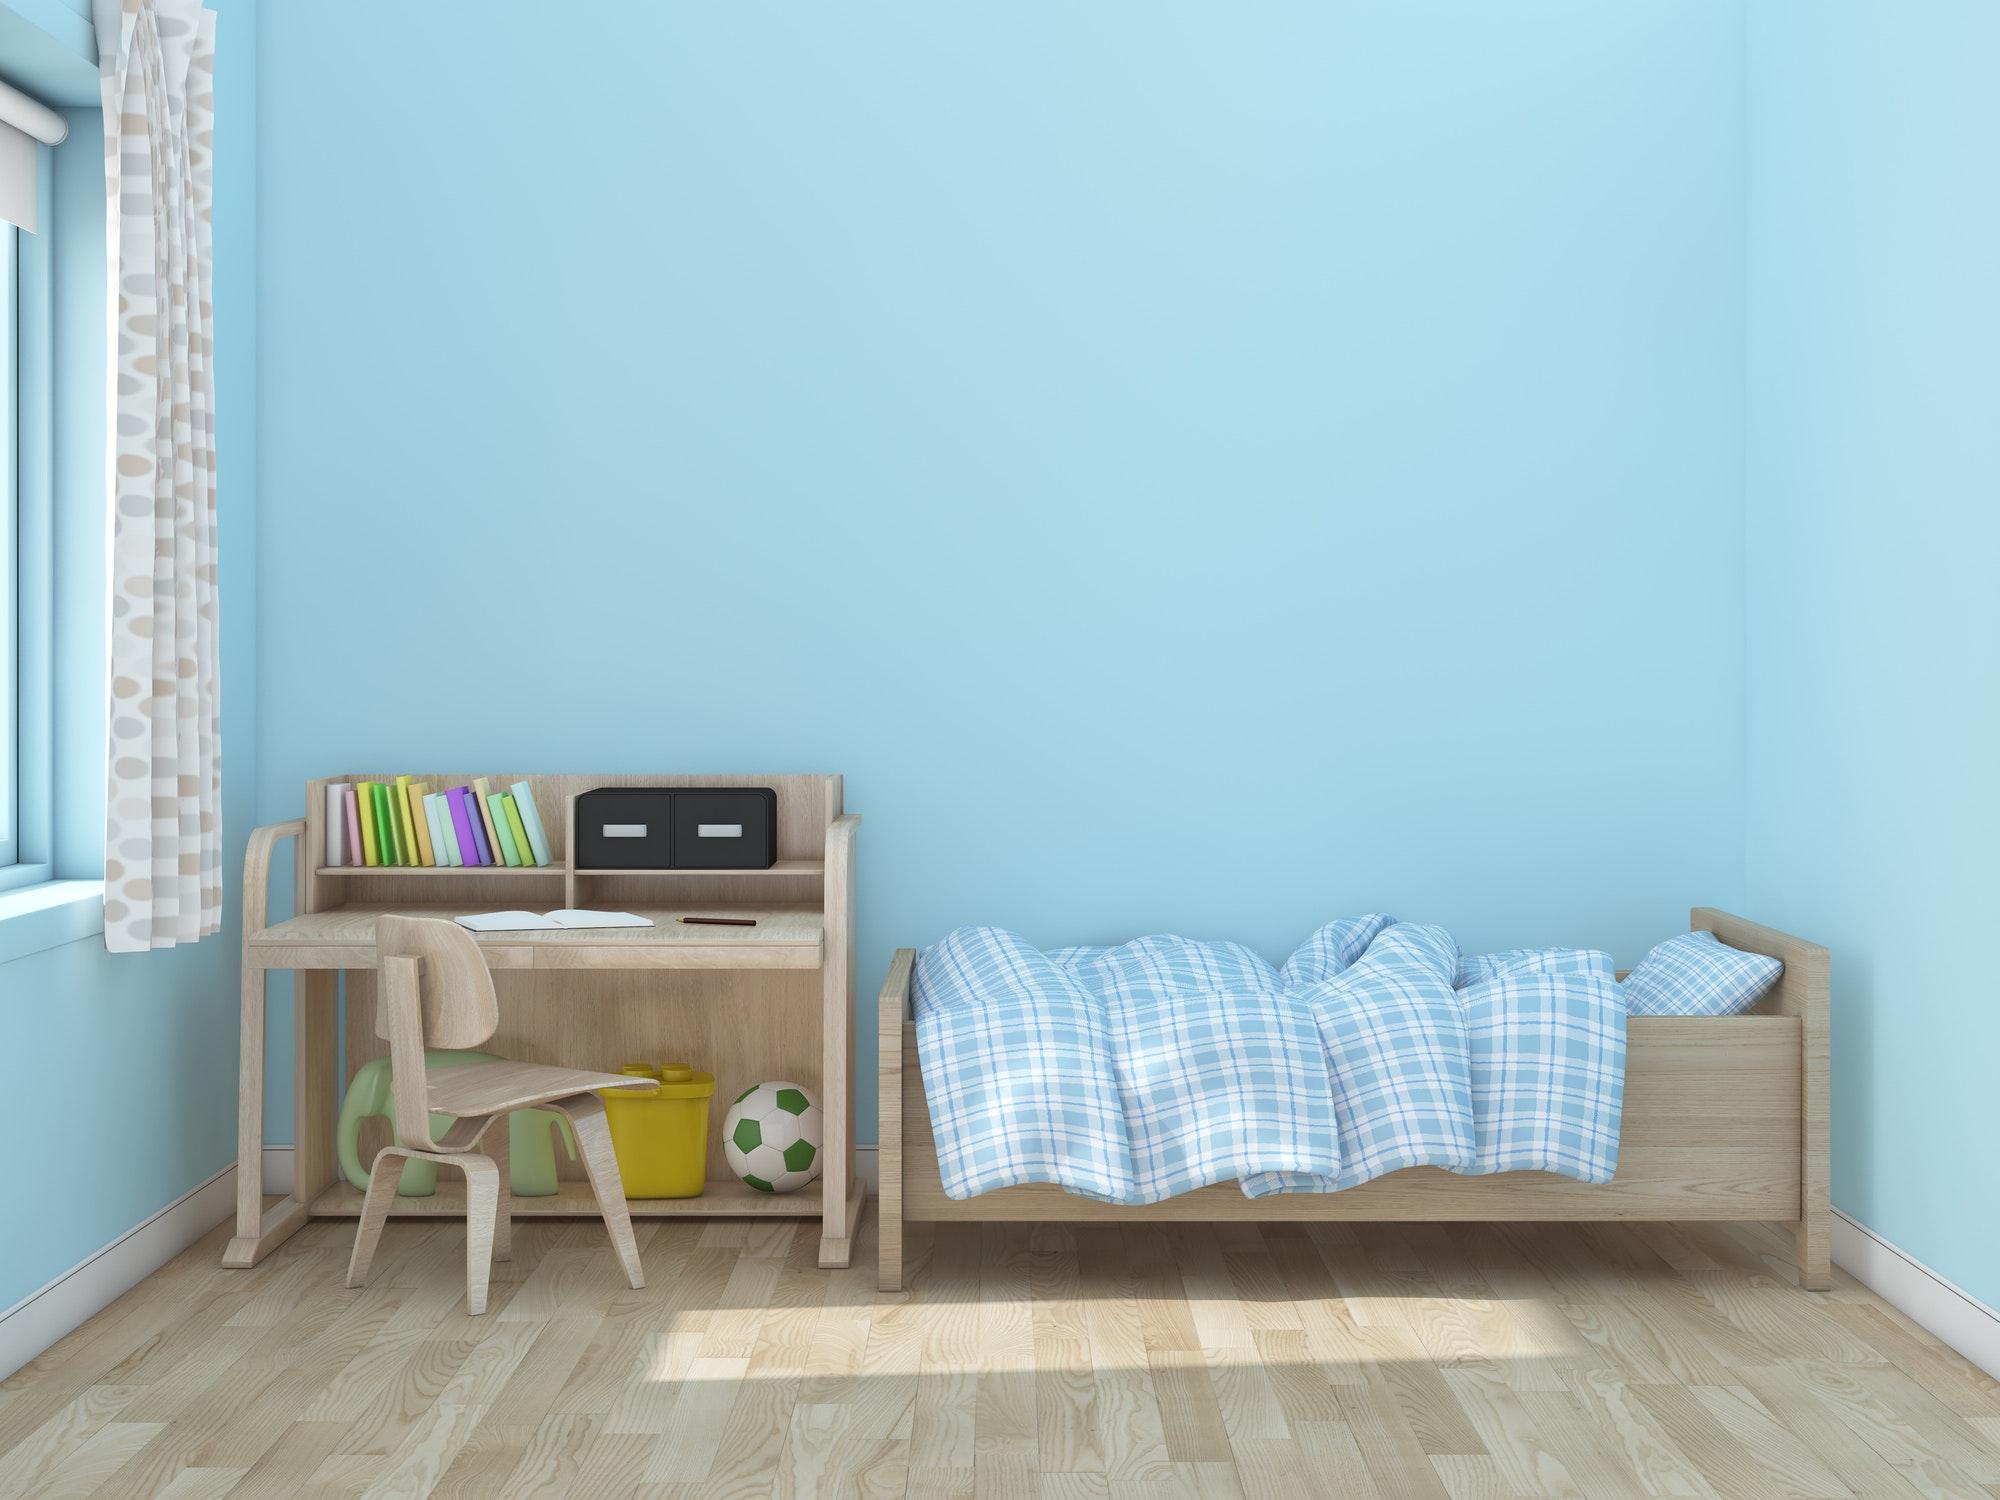 Chambre enfant : des idées de mobilier évolutif   parents.fr